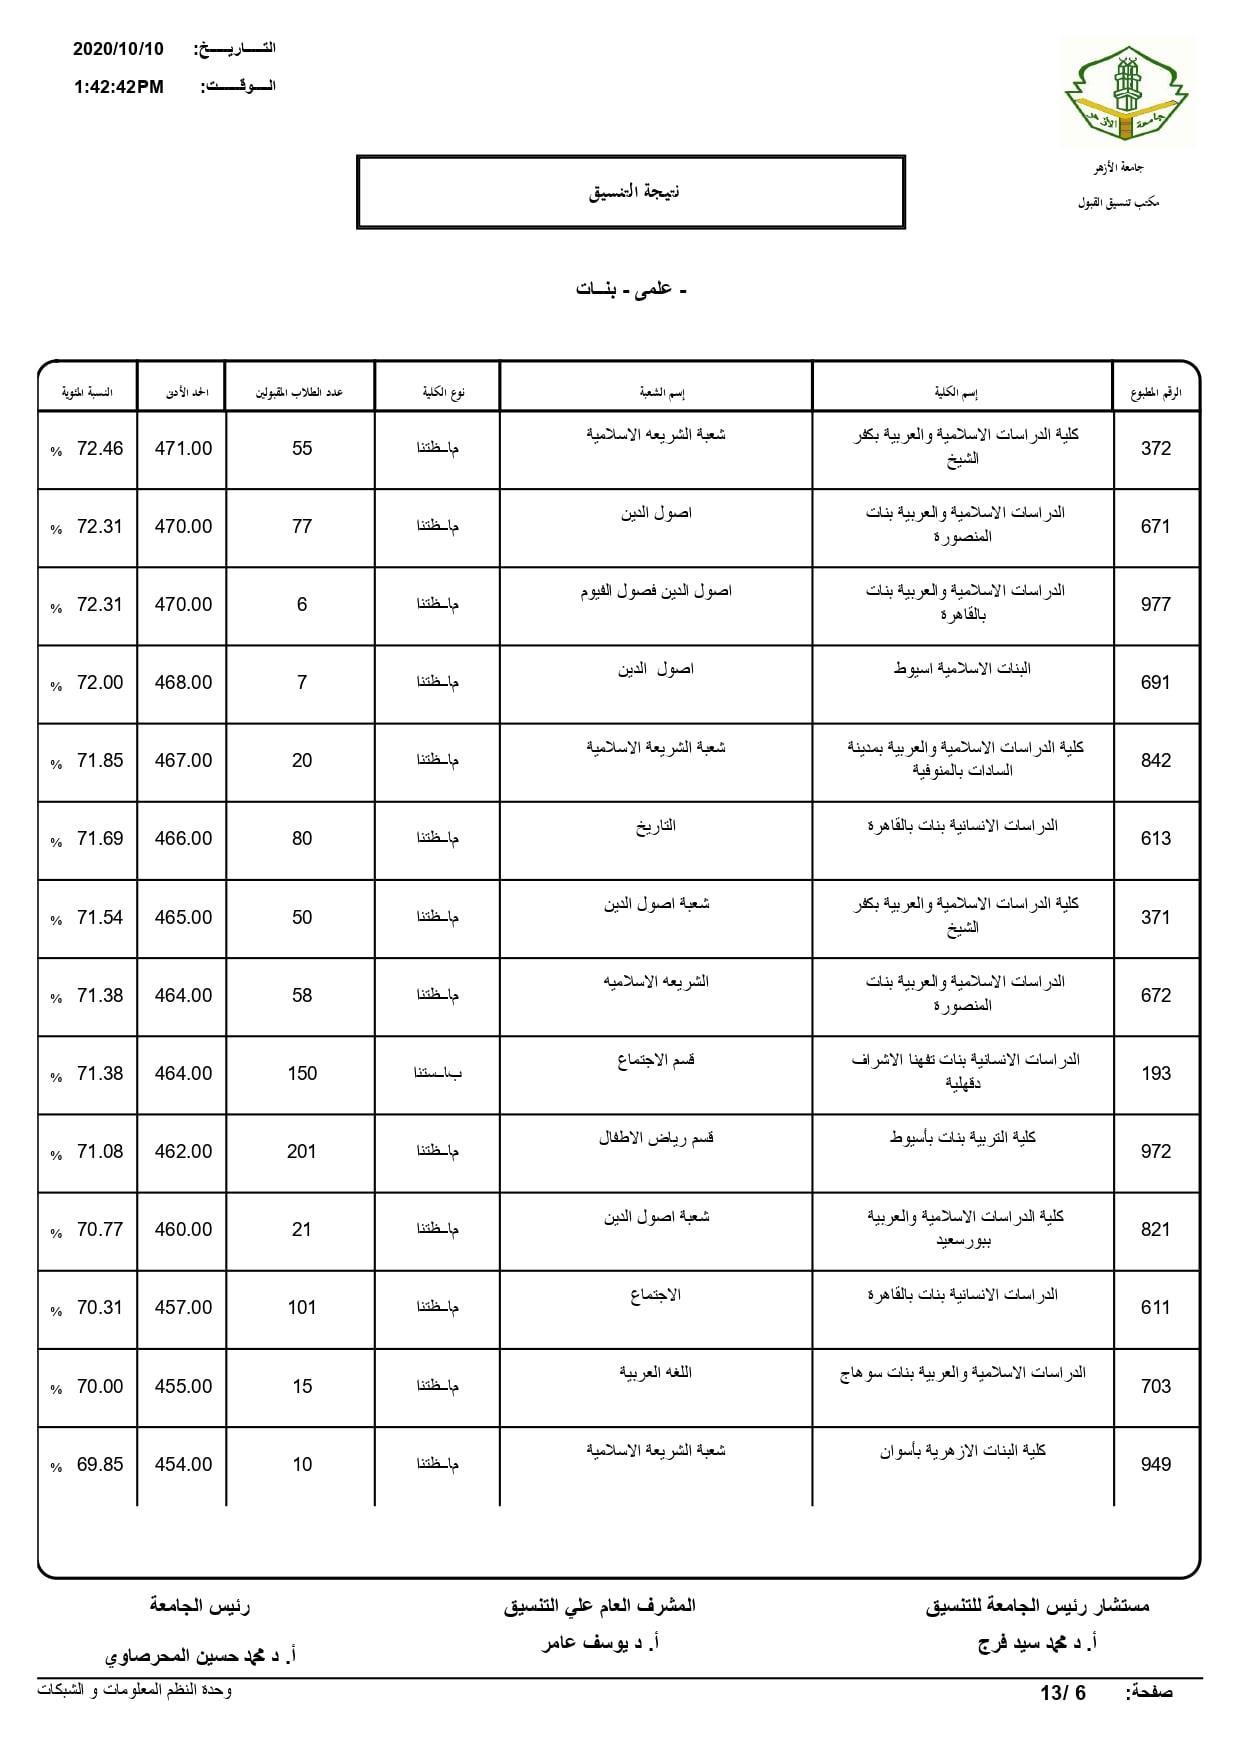 نتيجة تنسيق كليات جامعة الأزهر لعام 2020 بالكامل 20201010203341835